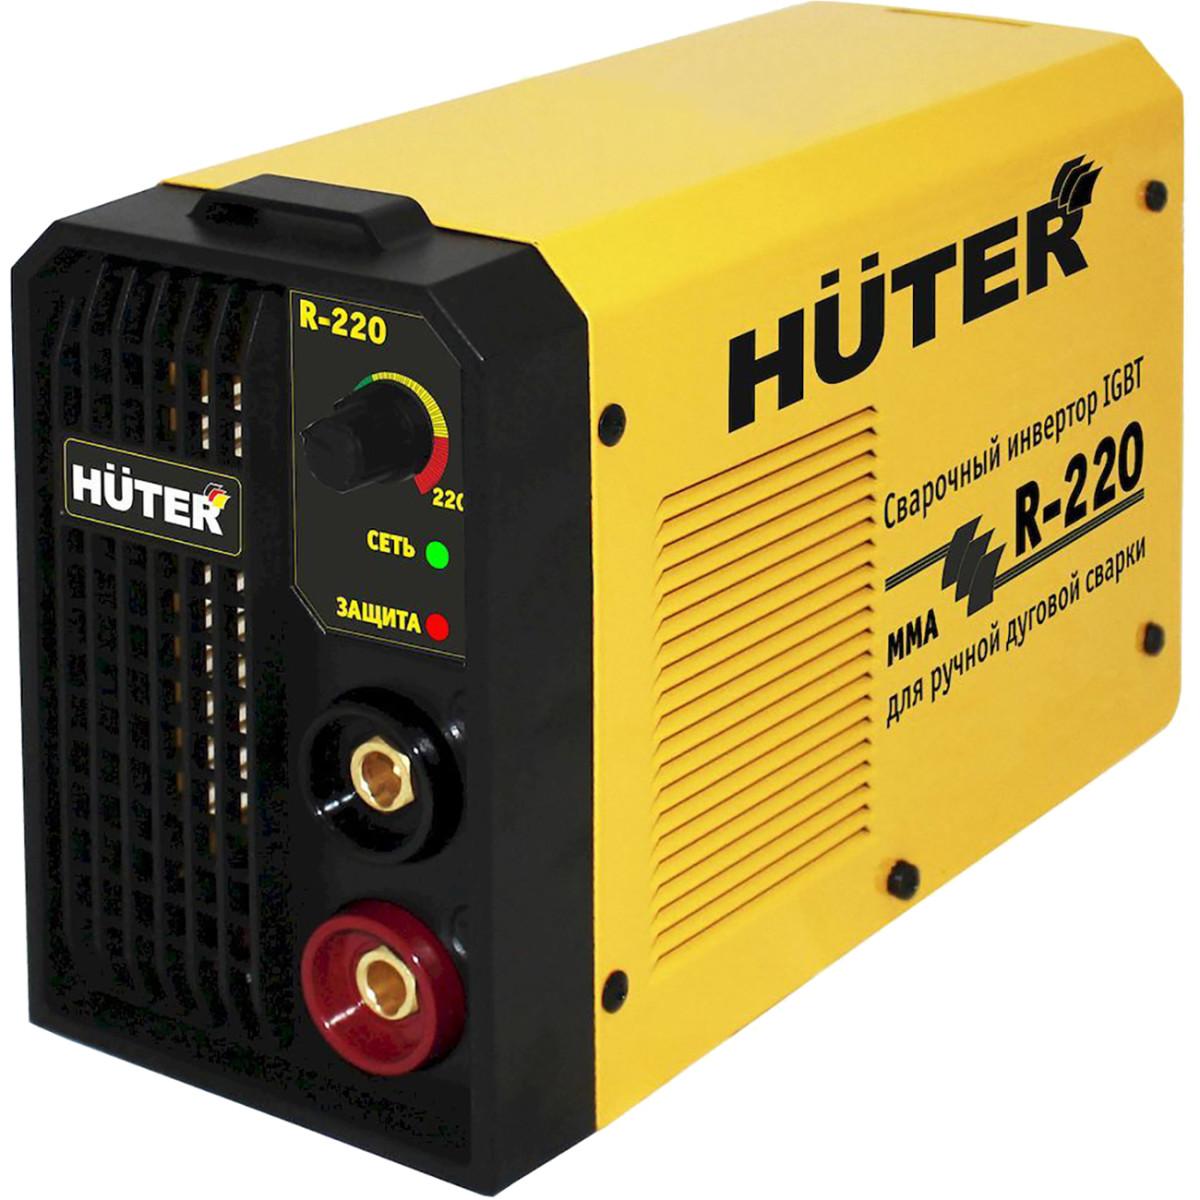 Дуговой сварочный инвертор HUTER R-220 65/48